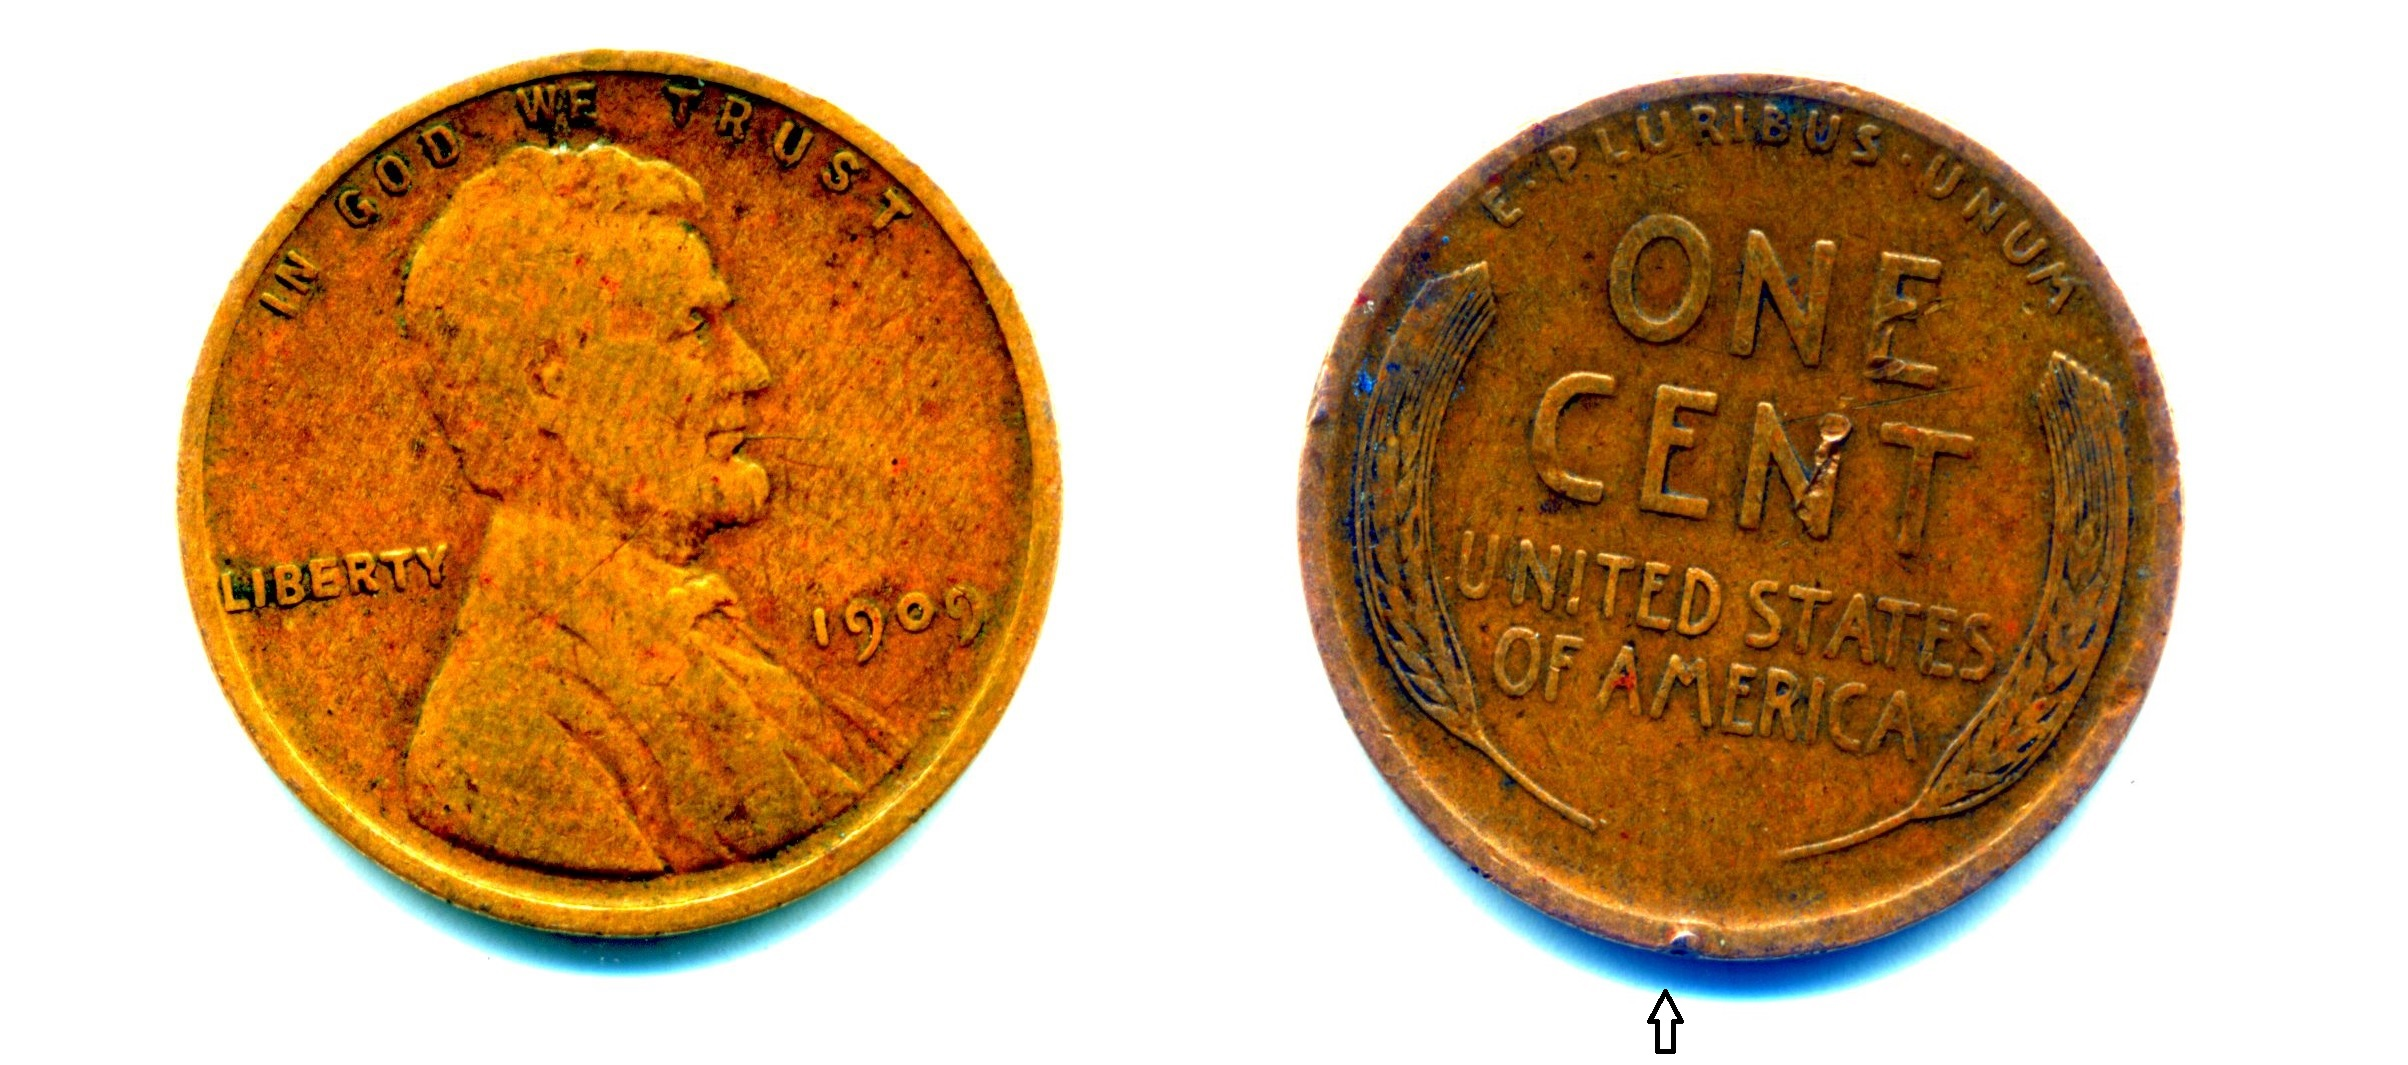 Value 1935 Penny Aaffaafbfcffcfcbecdadfbebefdaaac